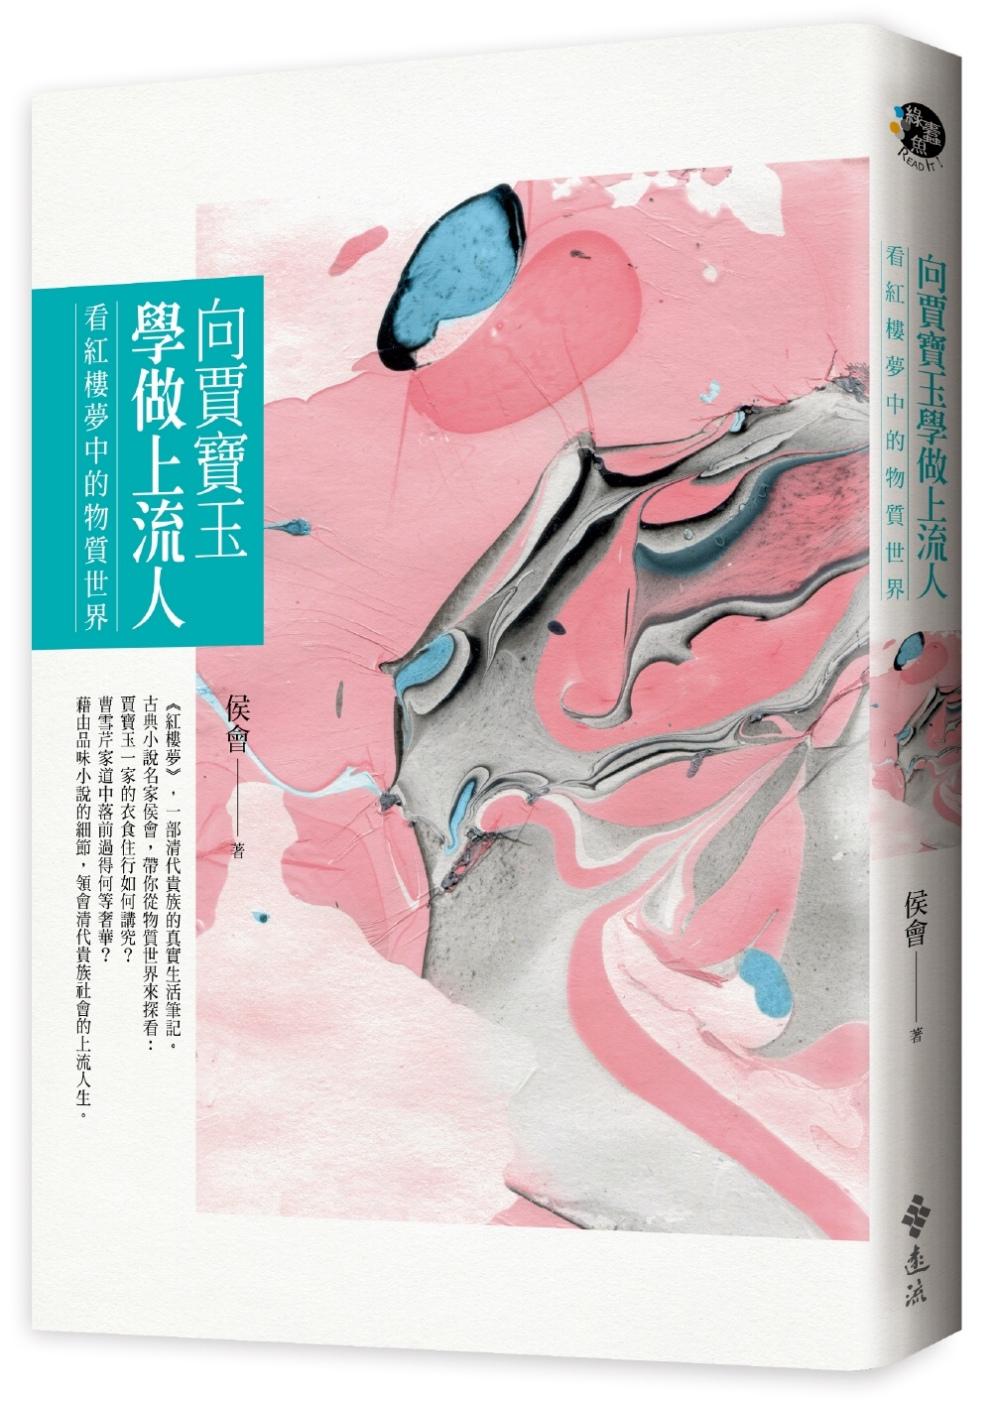 《向賈寶玉學做上流人:看紅樓夢中的物質世界》 商品條碼,ISBN:9789573282204